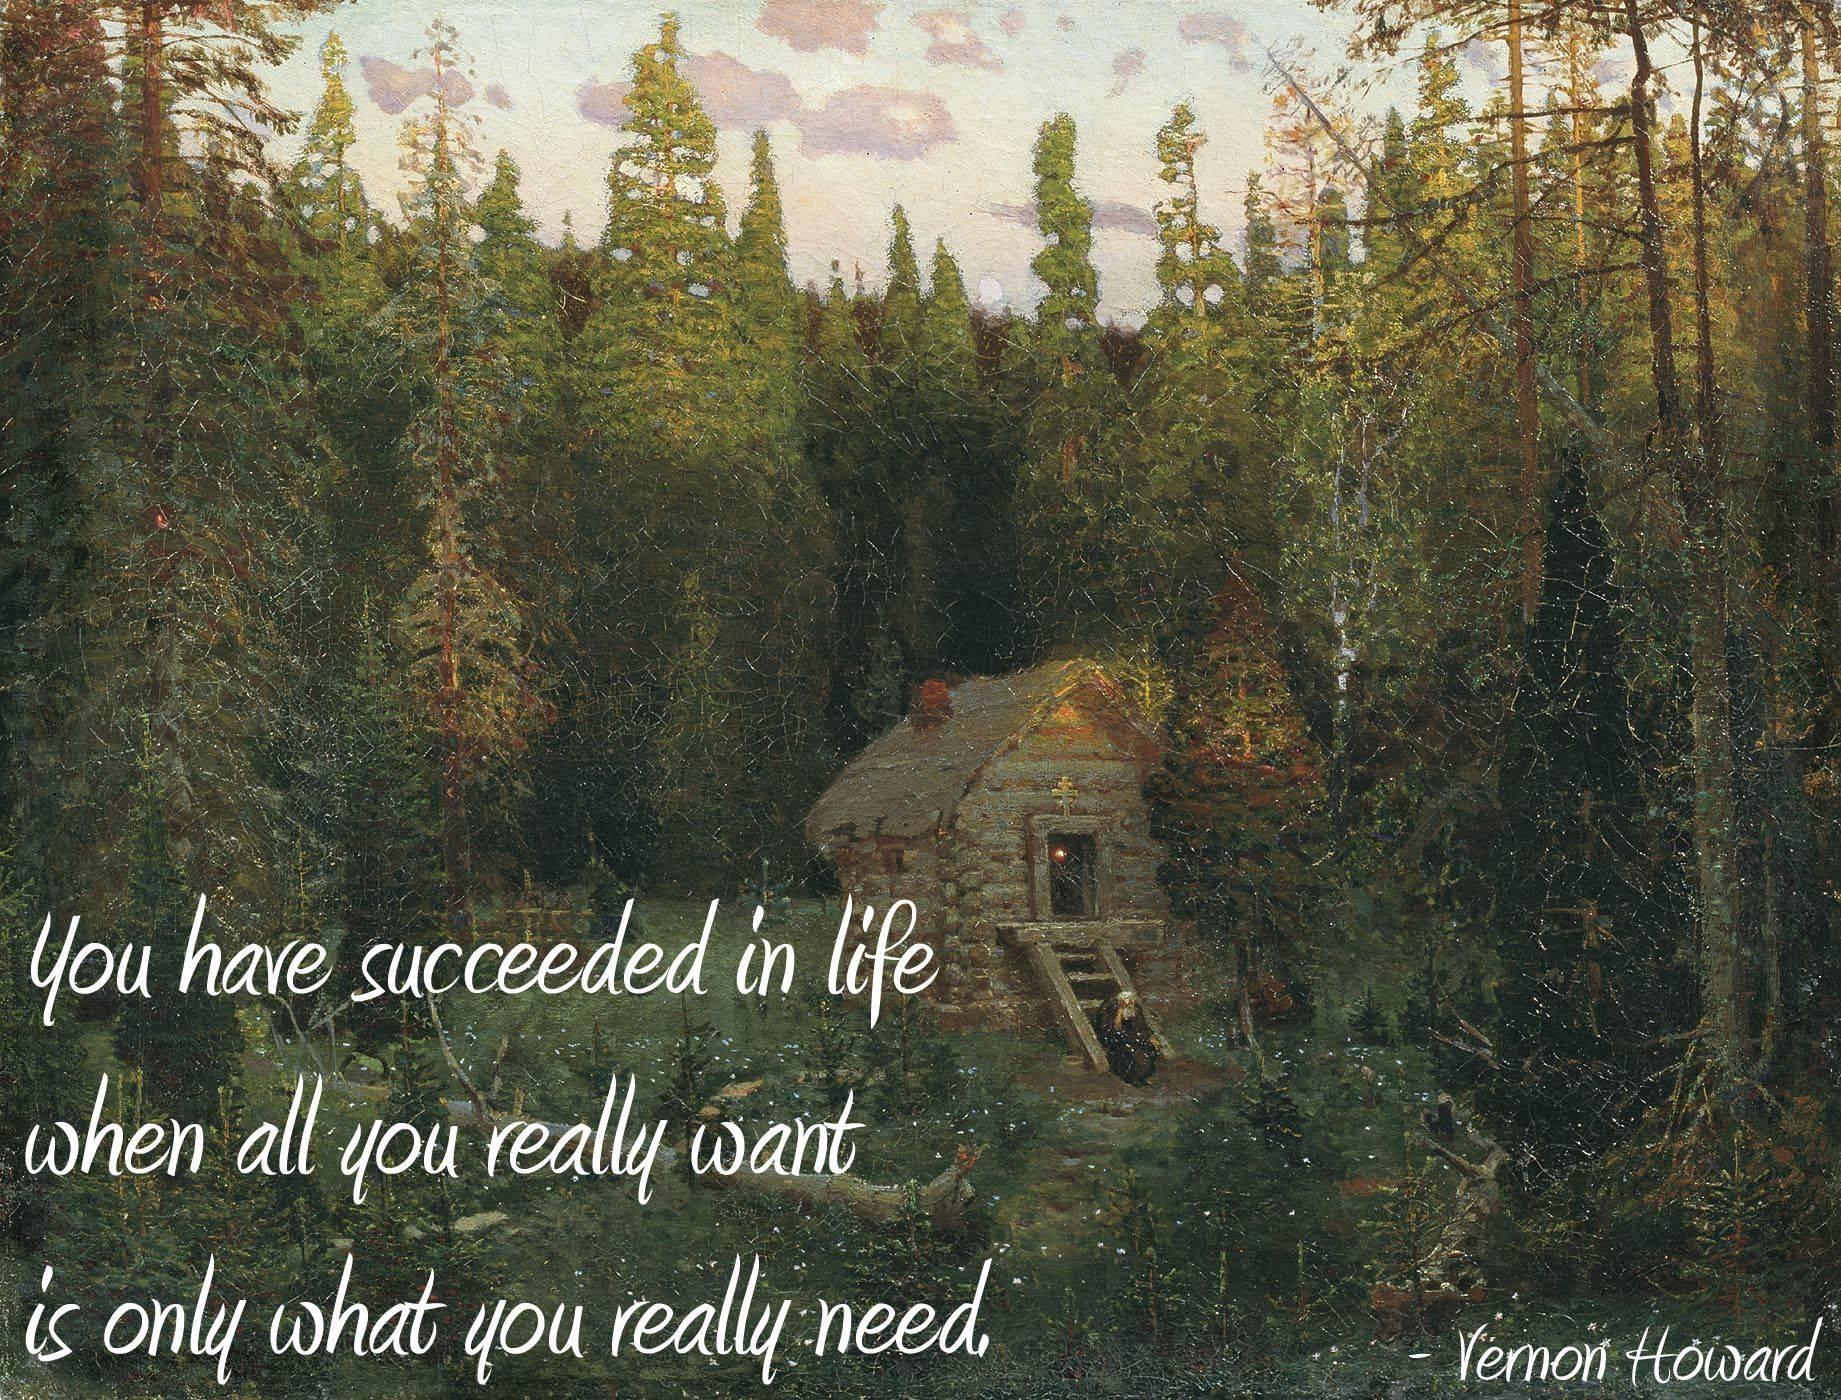 Vernon Howard's quote #2